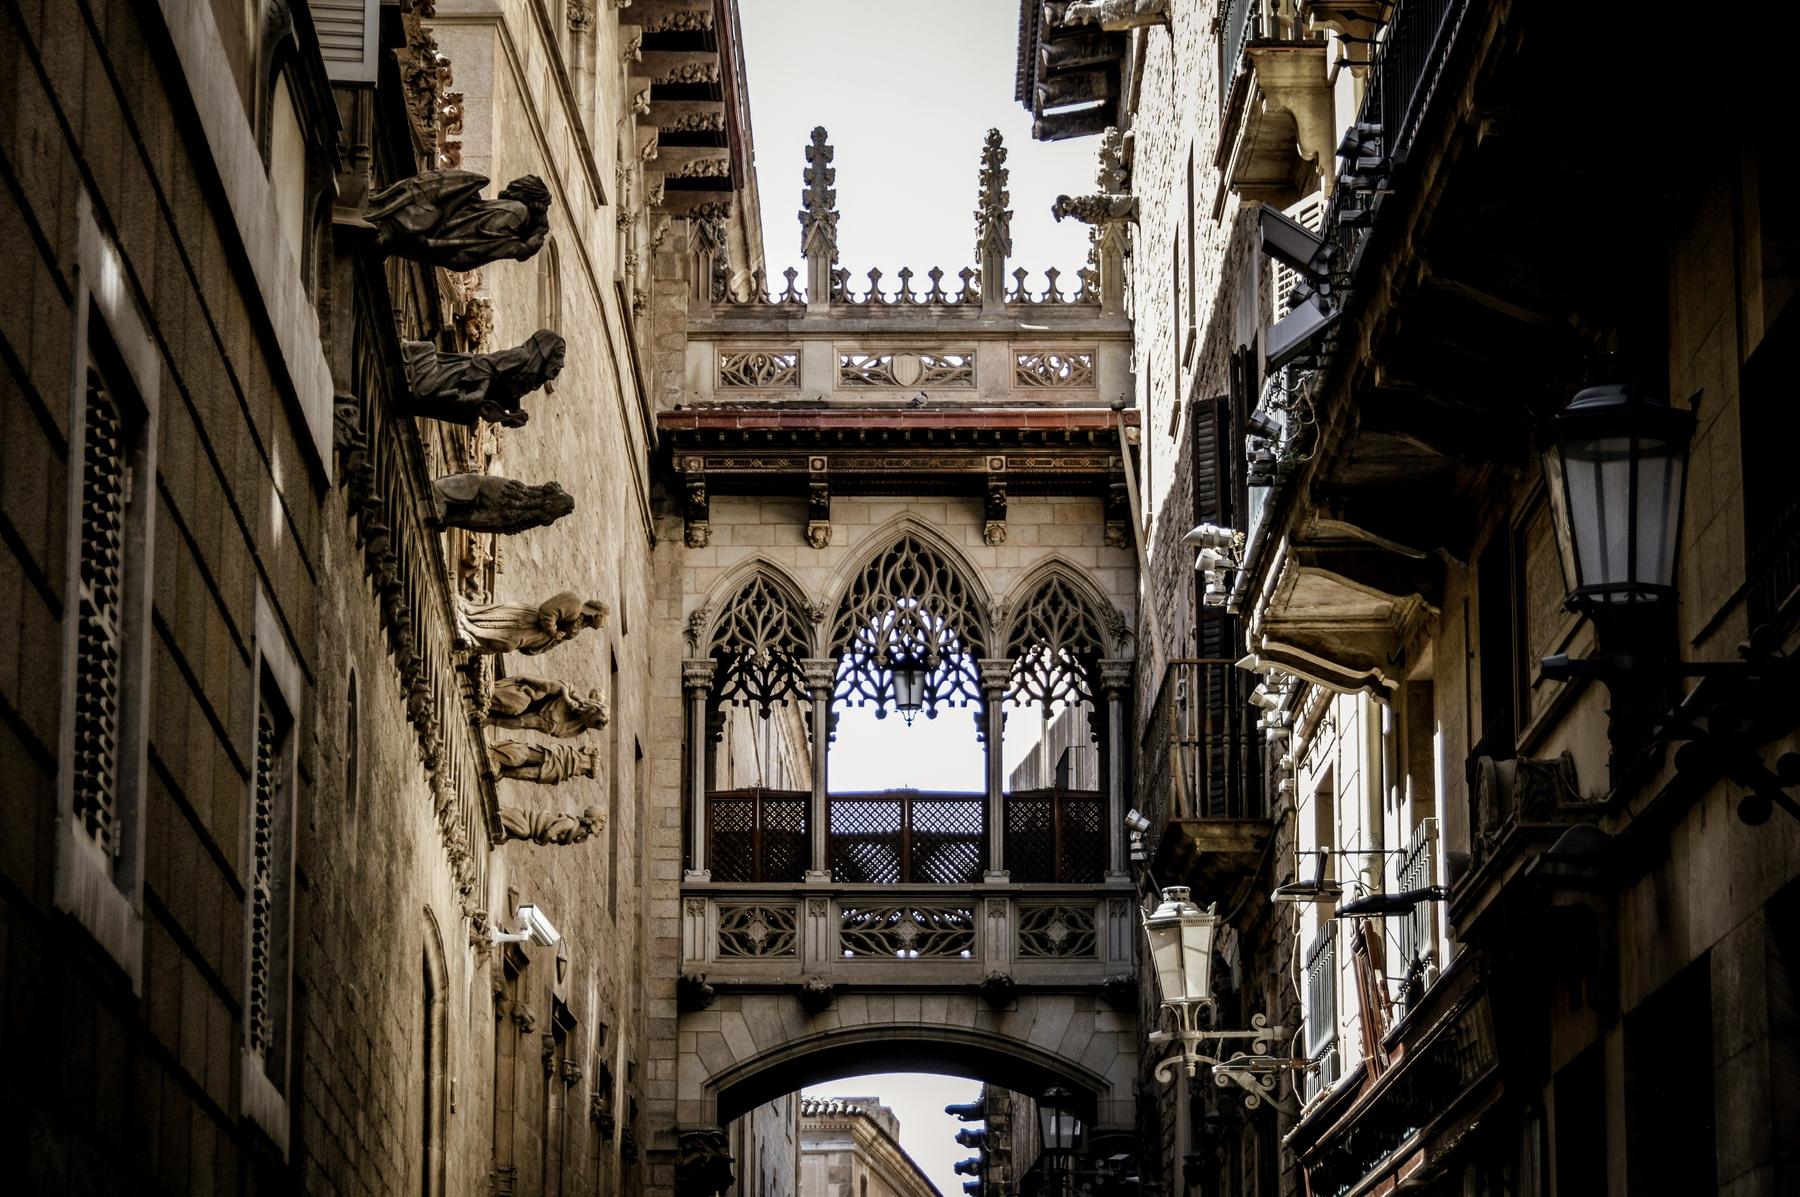 ornate gothic architecture